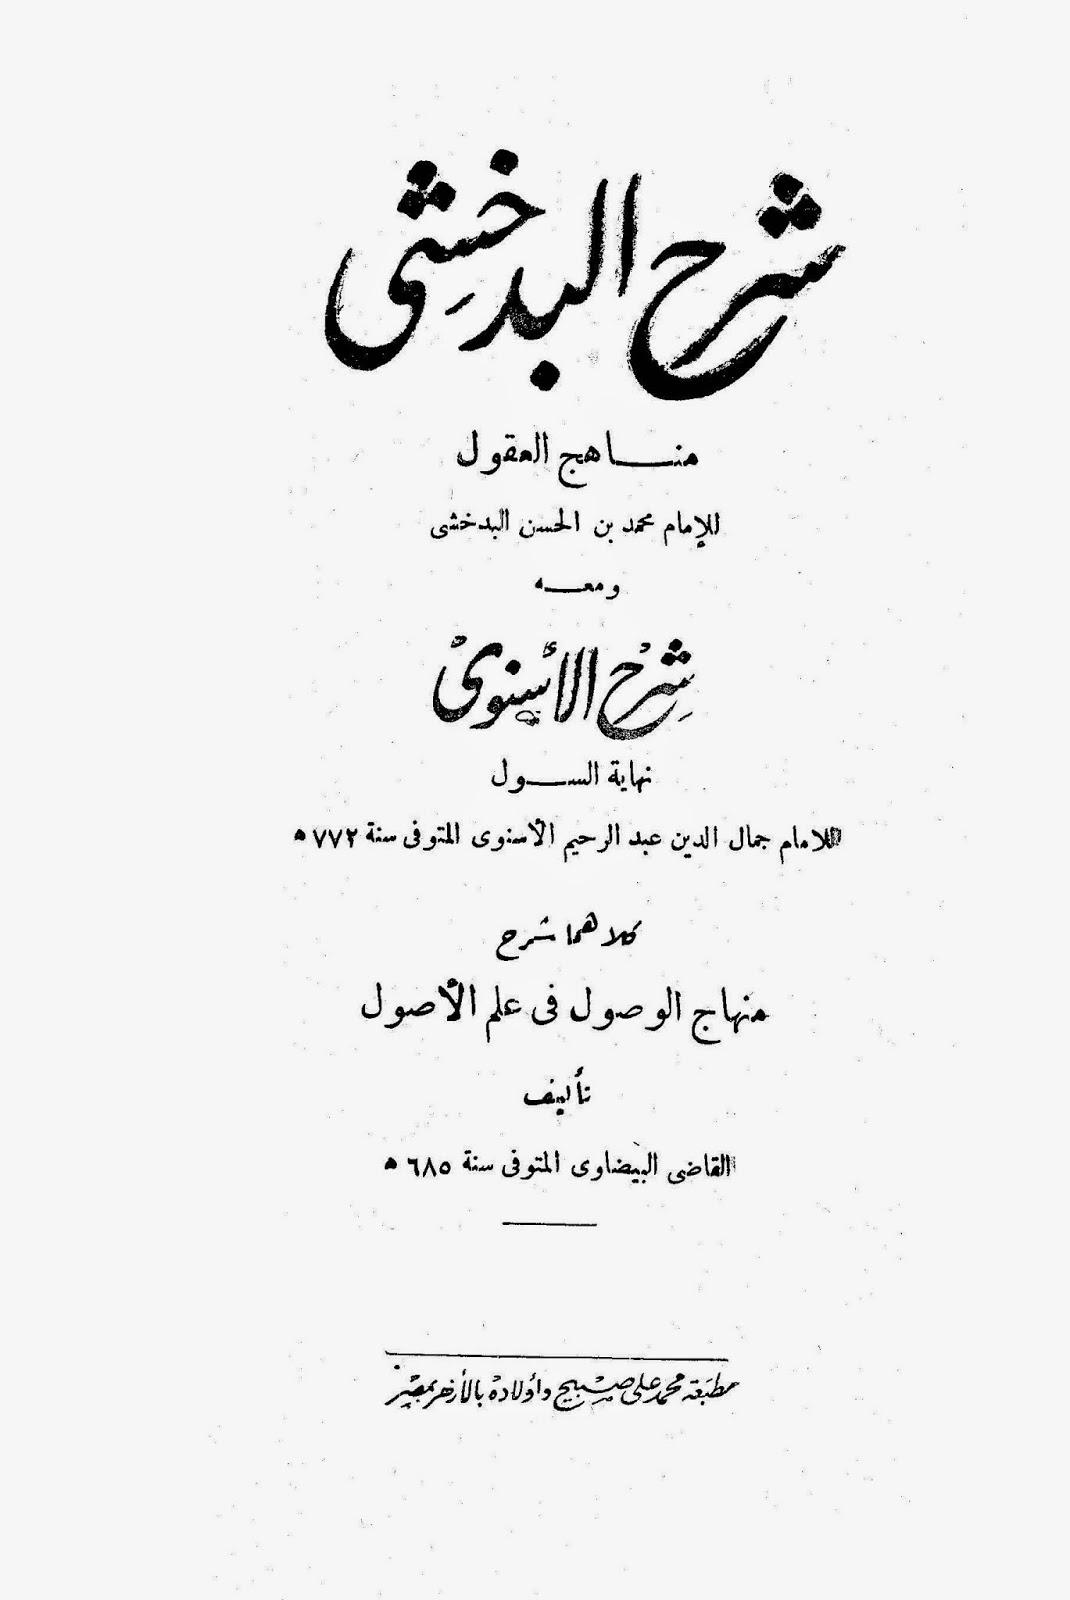 شرح البدخشي منهاج العقول للإمام محمد بن الحسن البخشي ومعه شرح الأسنوي نهاية السول للإمام الأسنوي